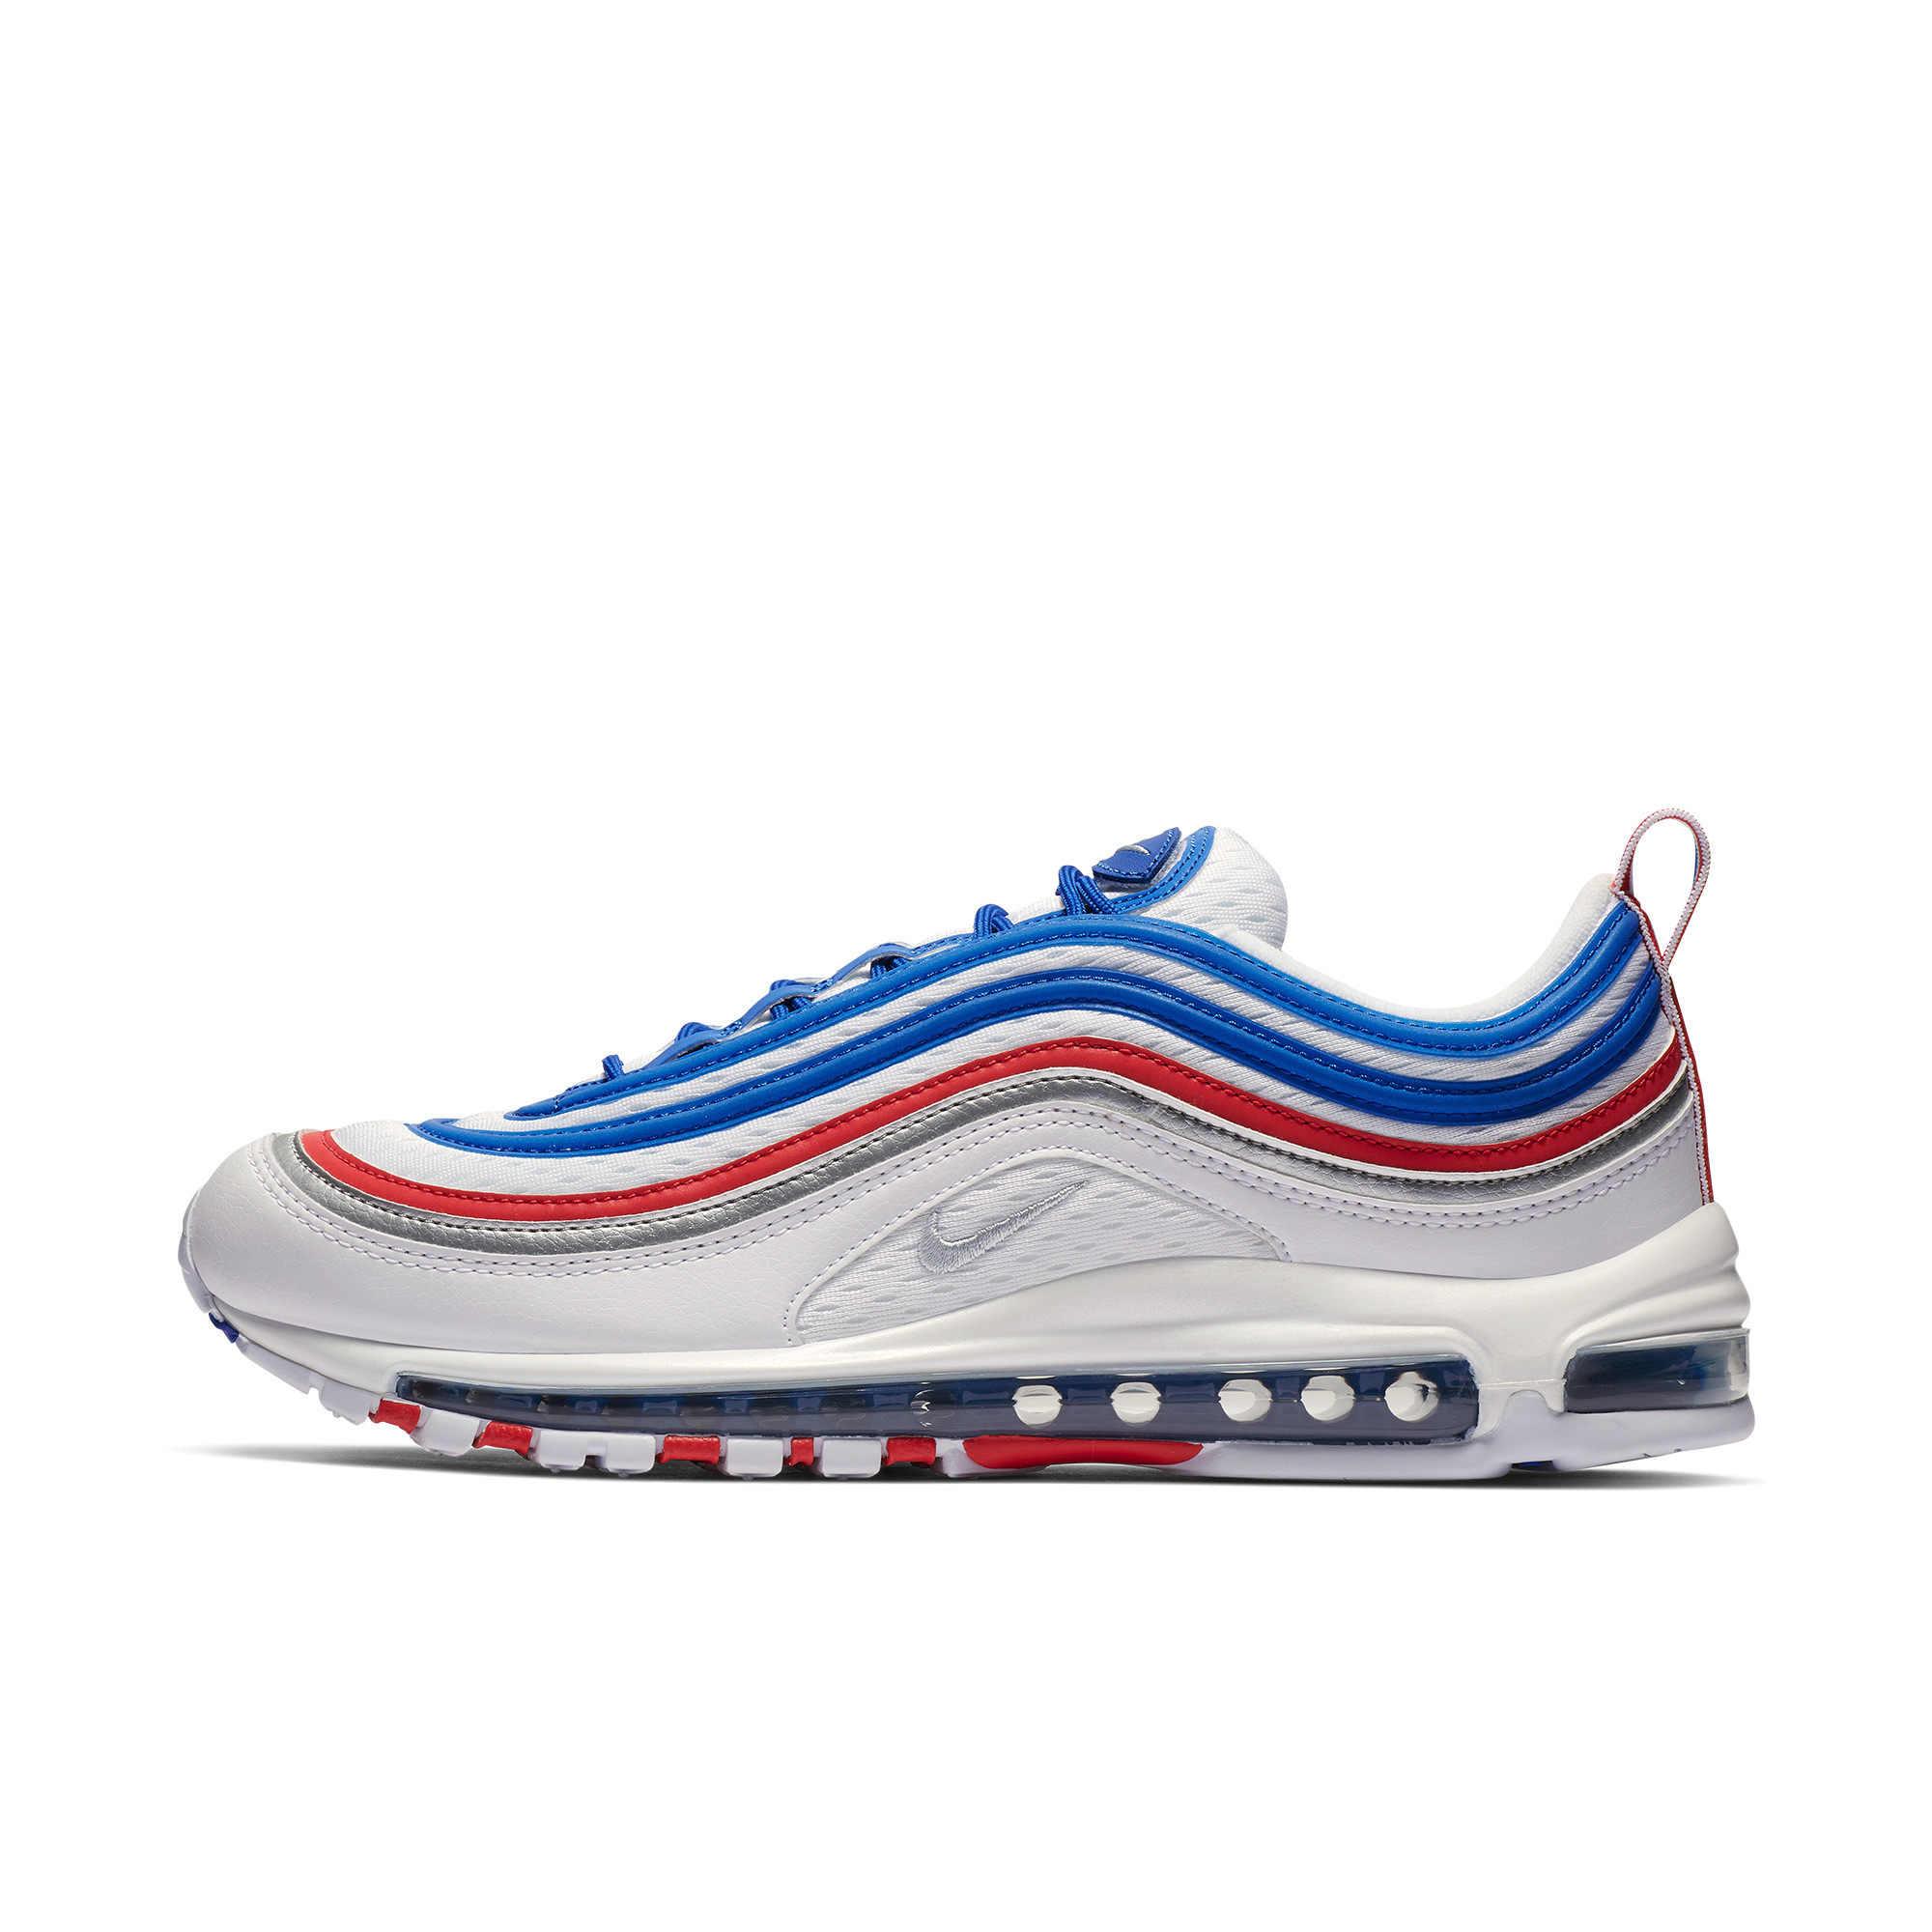 Nike Official Air Max 97 Мужская Беговая уличная спортивная обувь удобные Новое поступление нескользящие спортивные кроссовки #921826